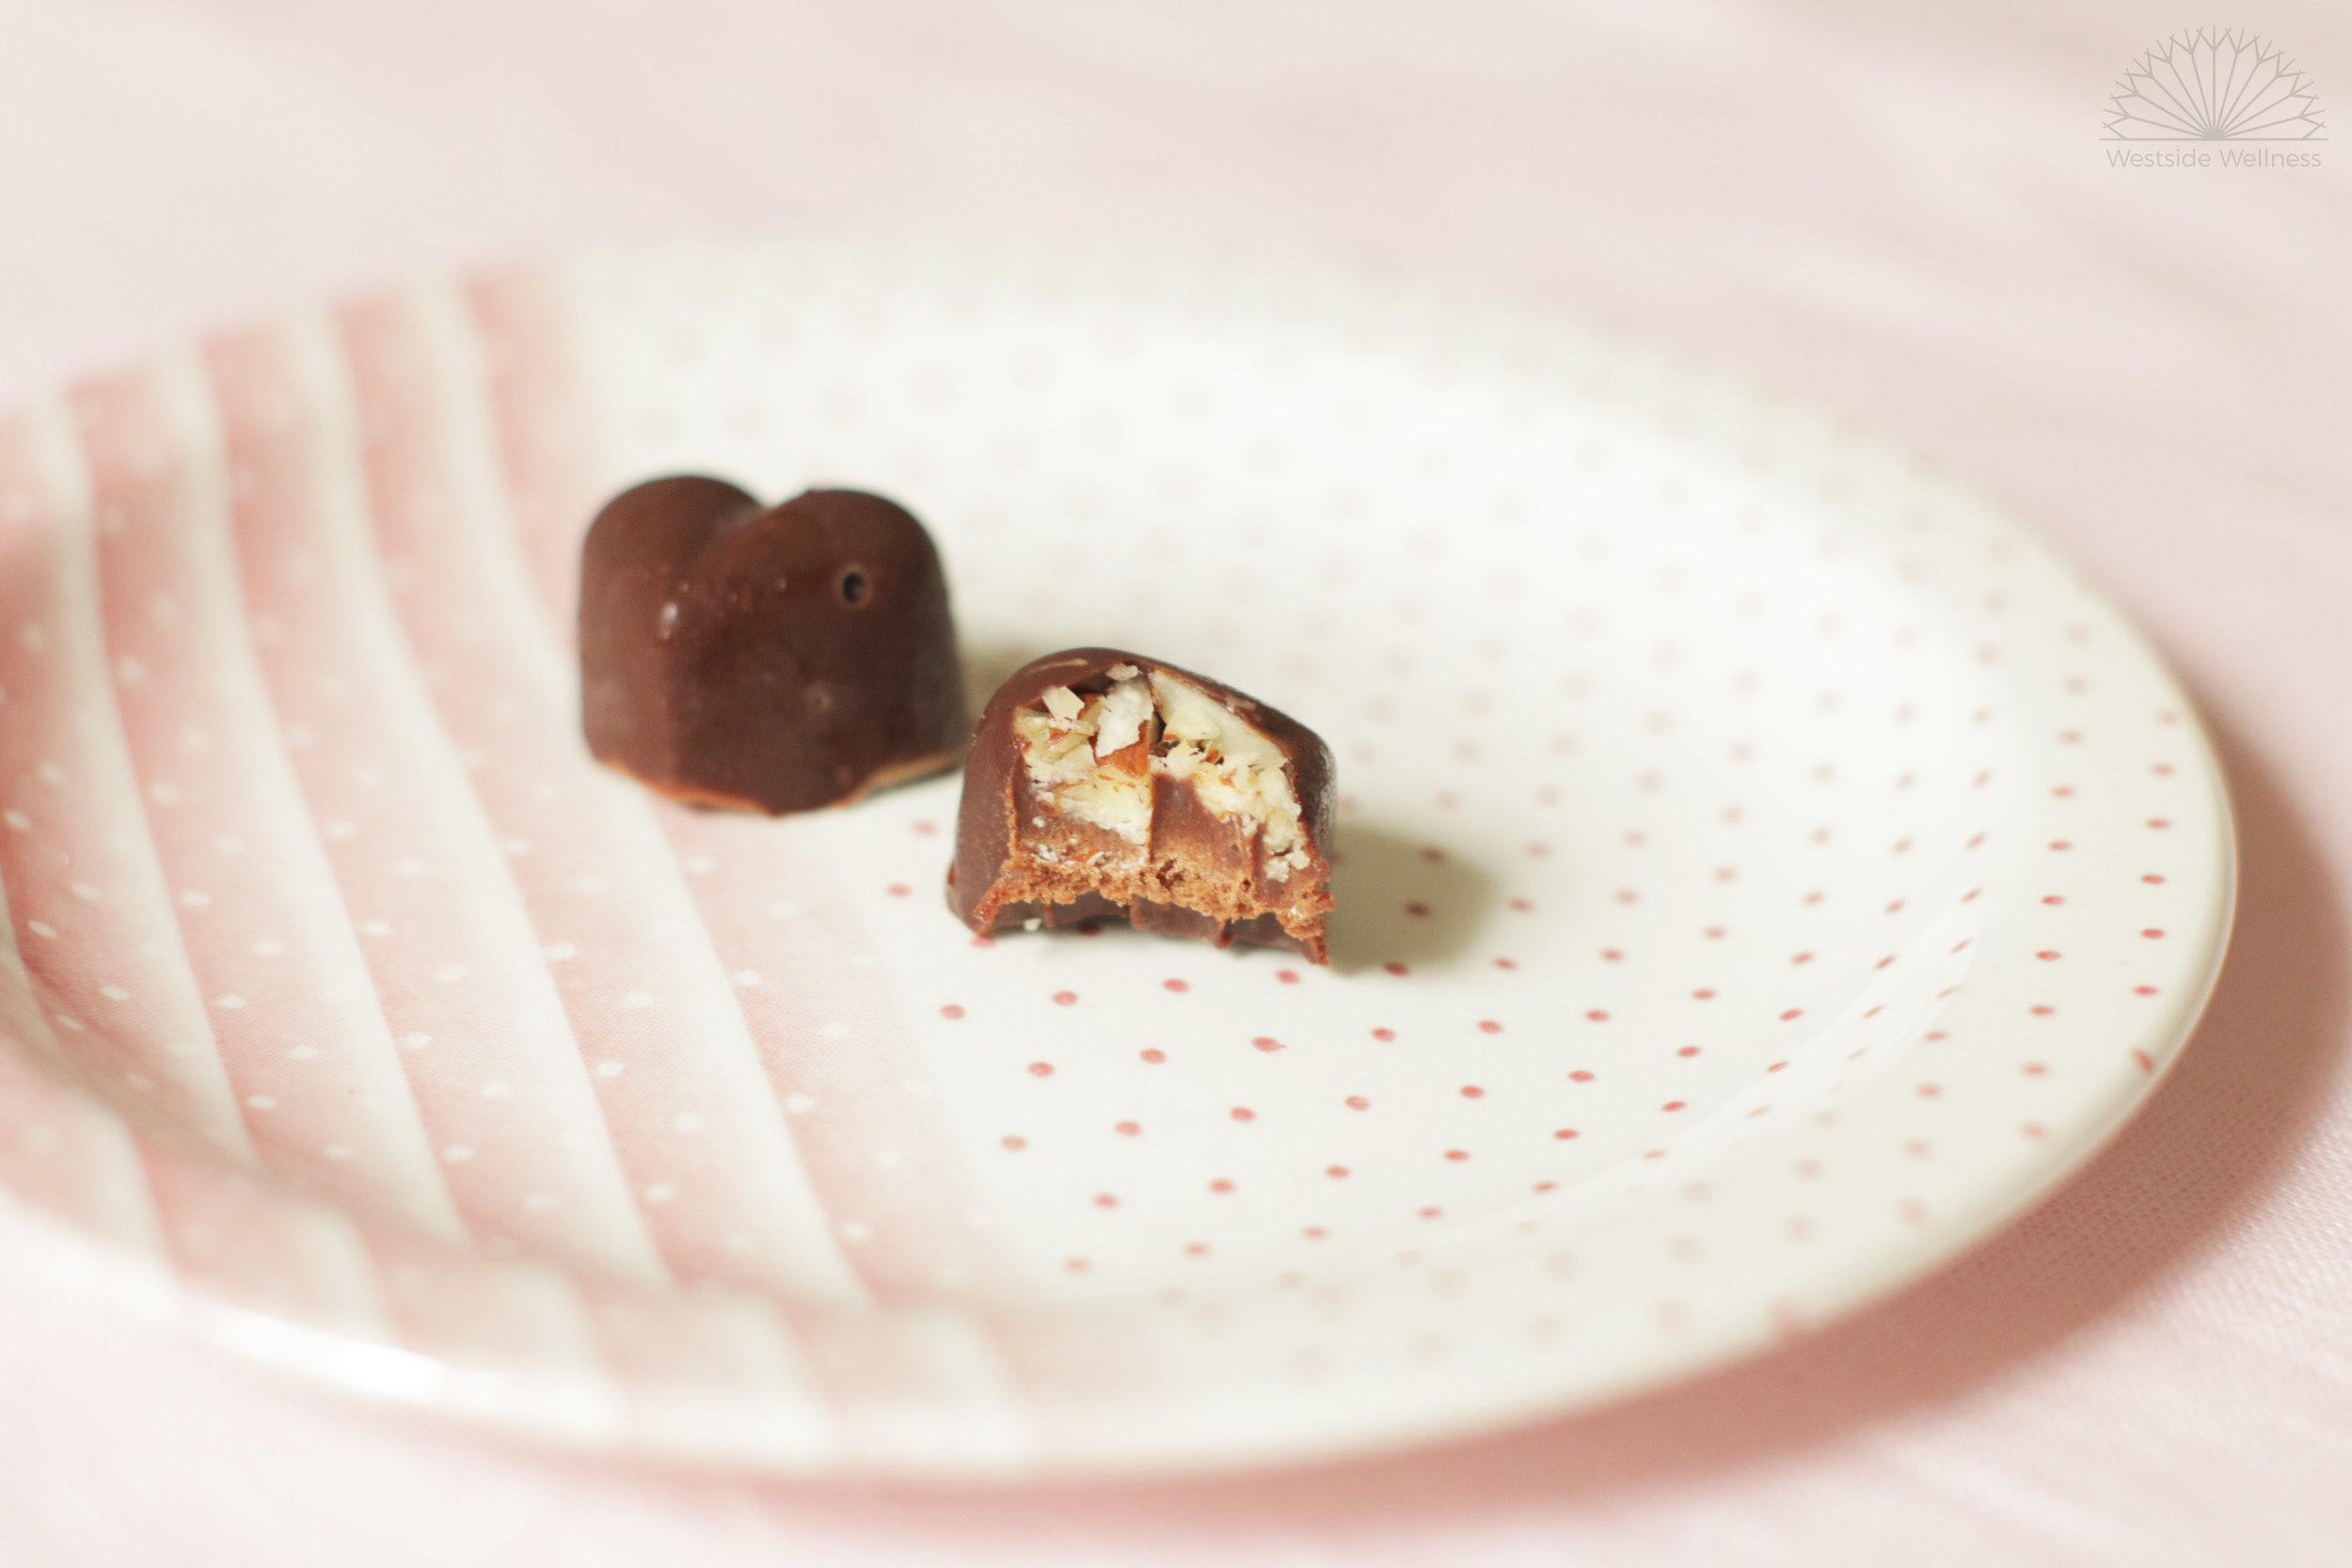 eaten chocolate.jpg